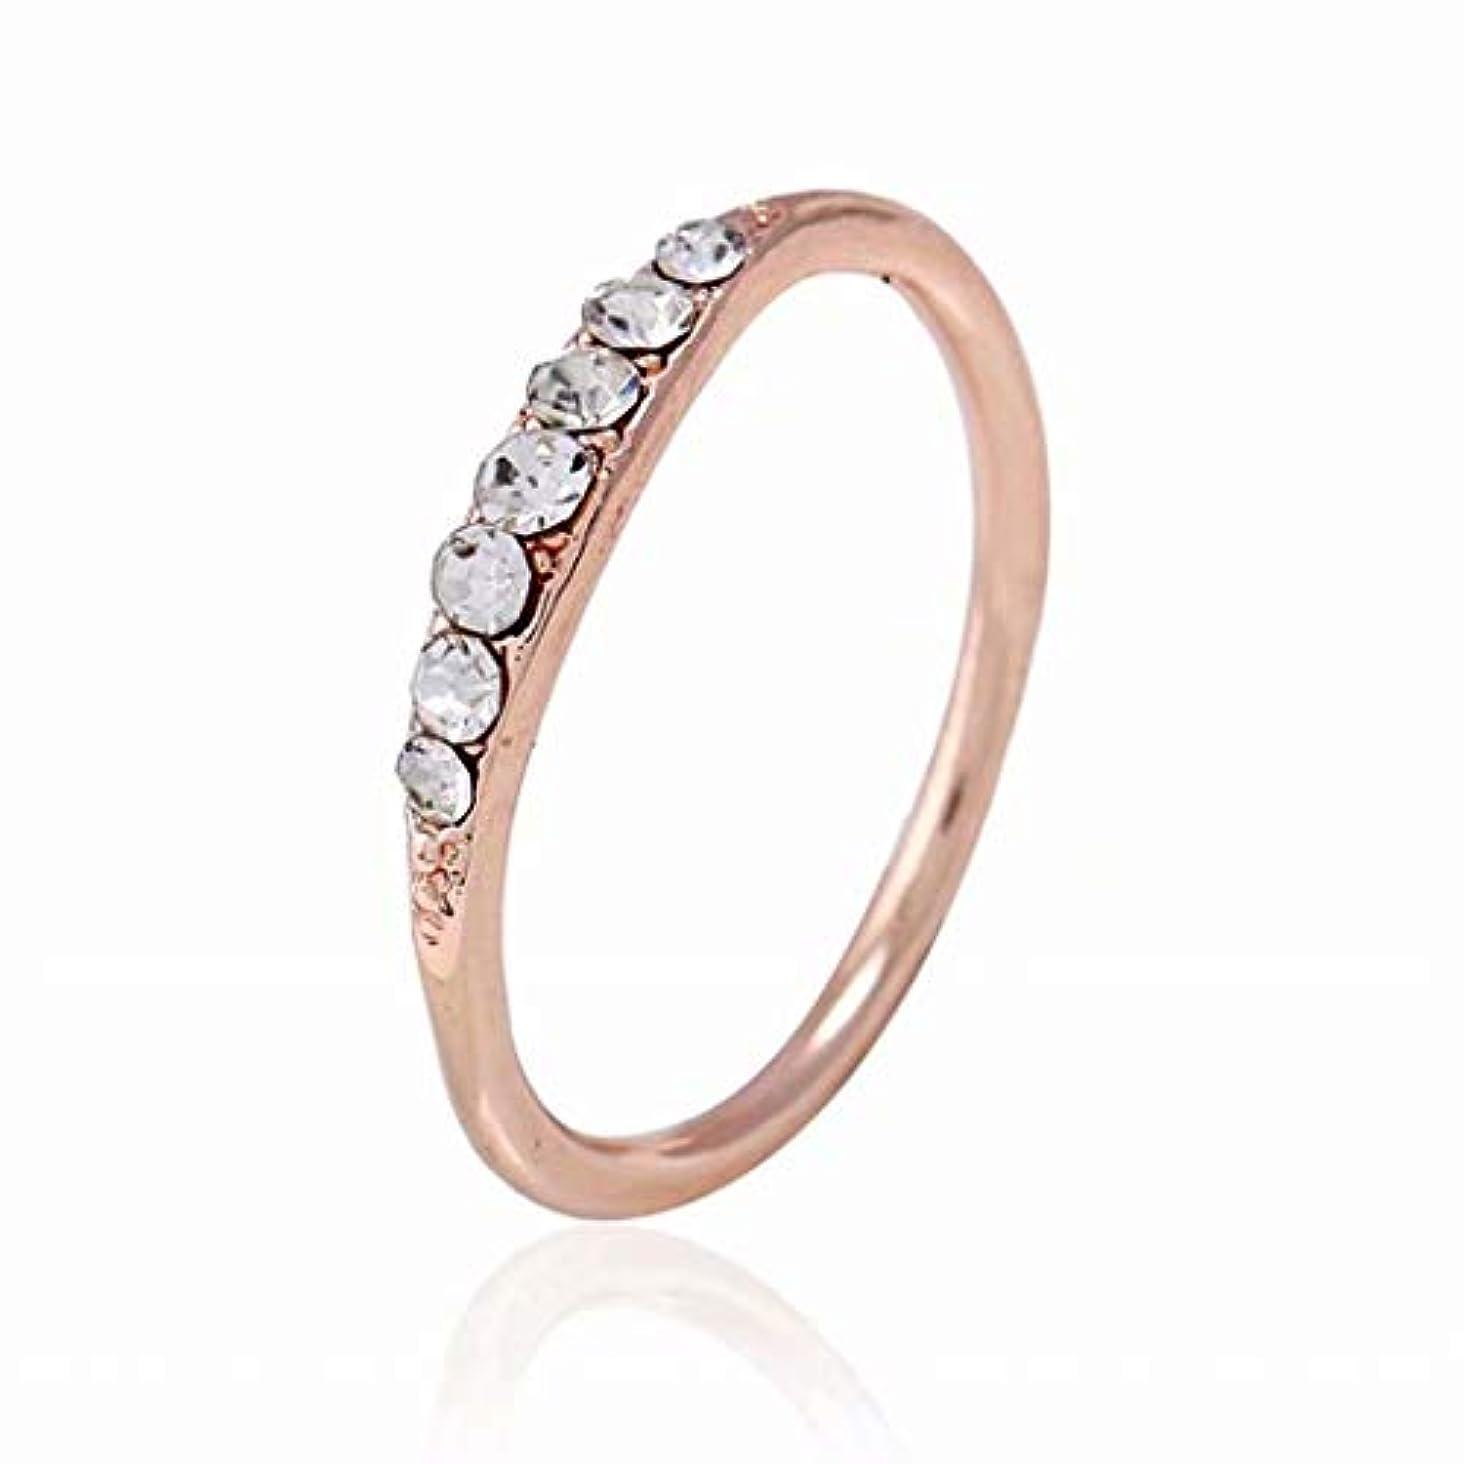 お母さん物理的にマーチャンダイジング七里の香 ダイアモンドの指輪 クリスタルエンゲージリング 結婚指輪